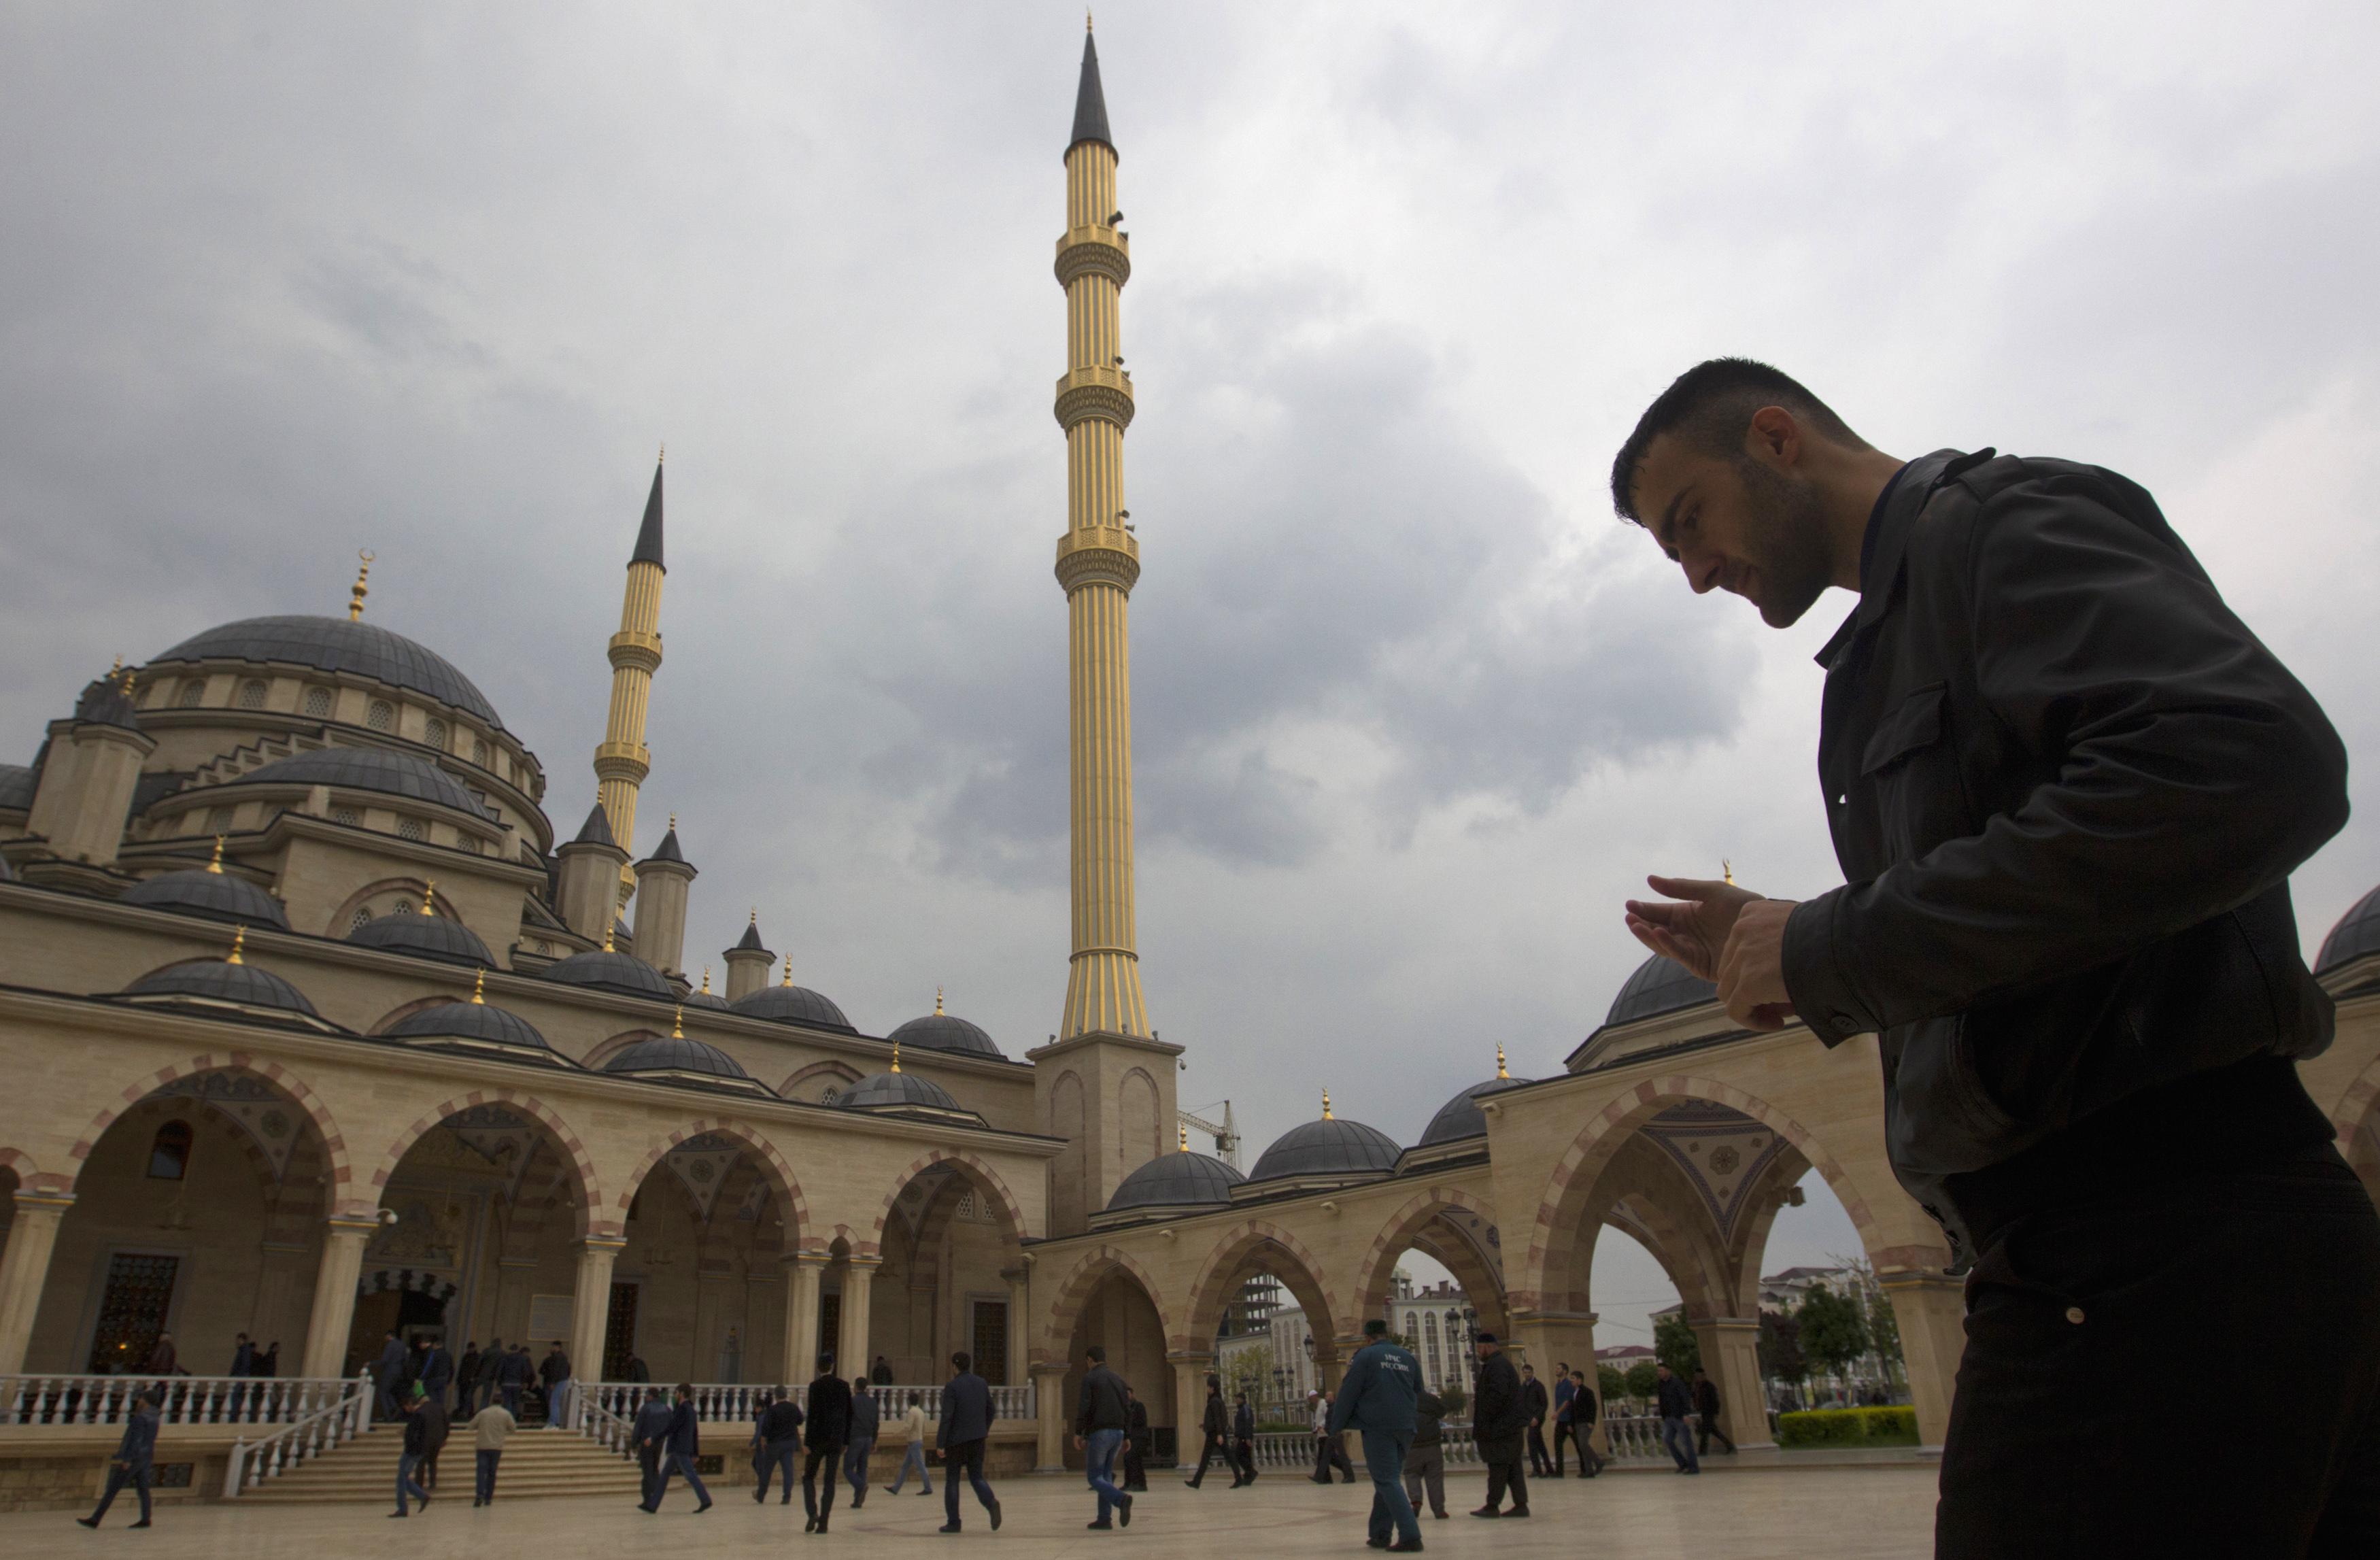 Dalam 20 Tahun, Rusia Telah Bangun Lebih dari 8.000 Masjid dan Sekolah Muslim